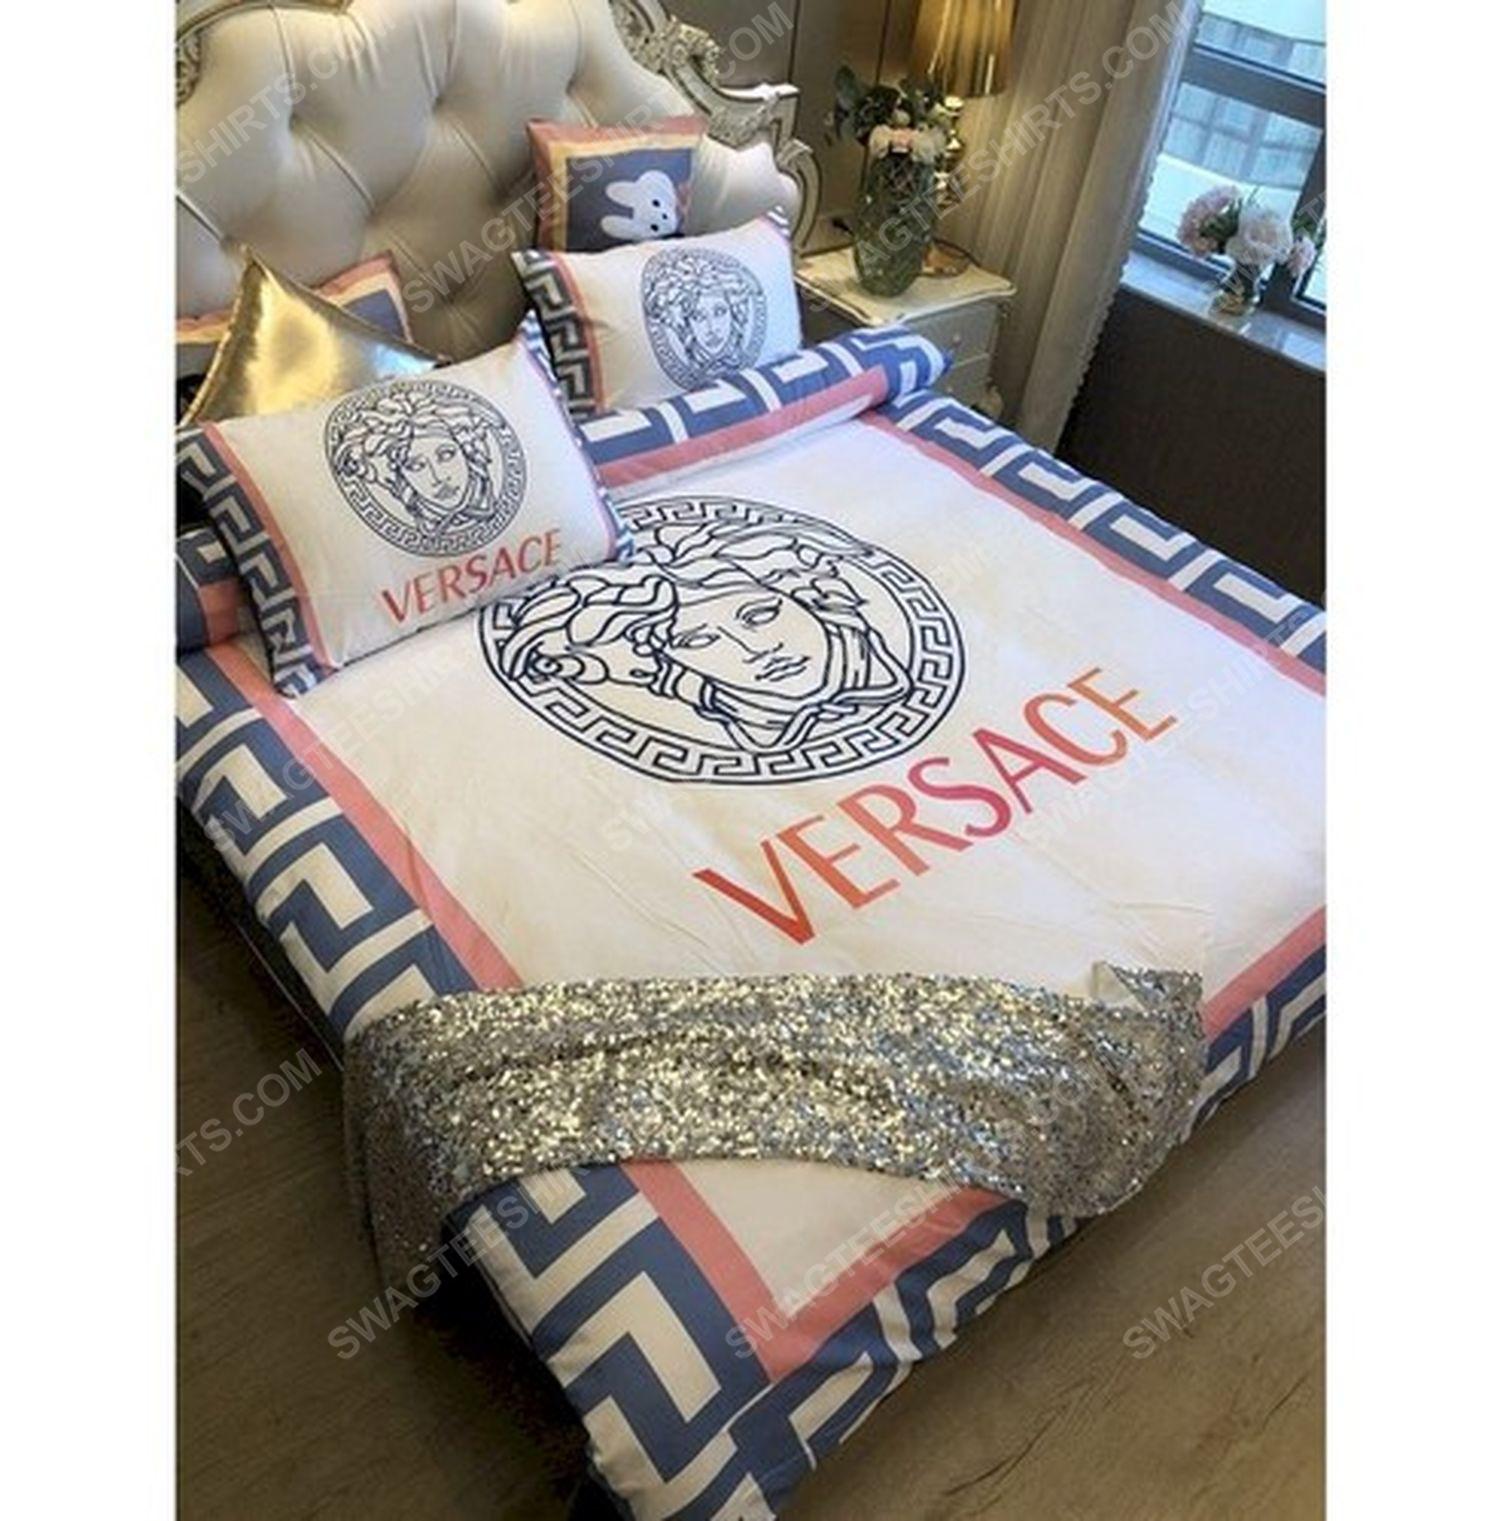 Versace home cream version full print duvet cover bedding set 1